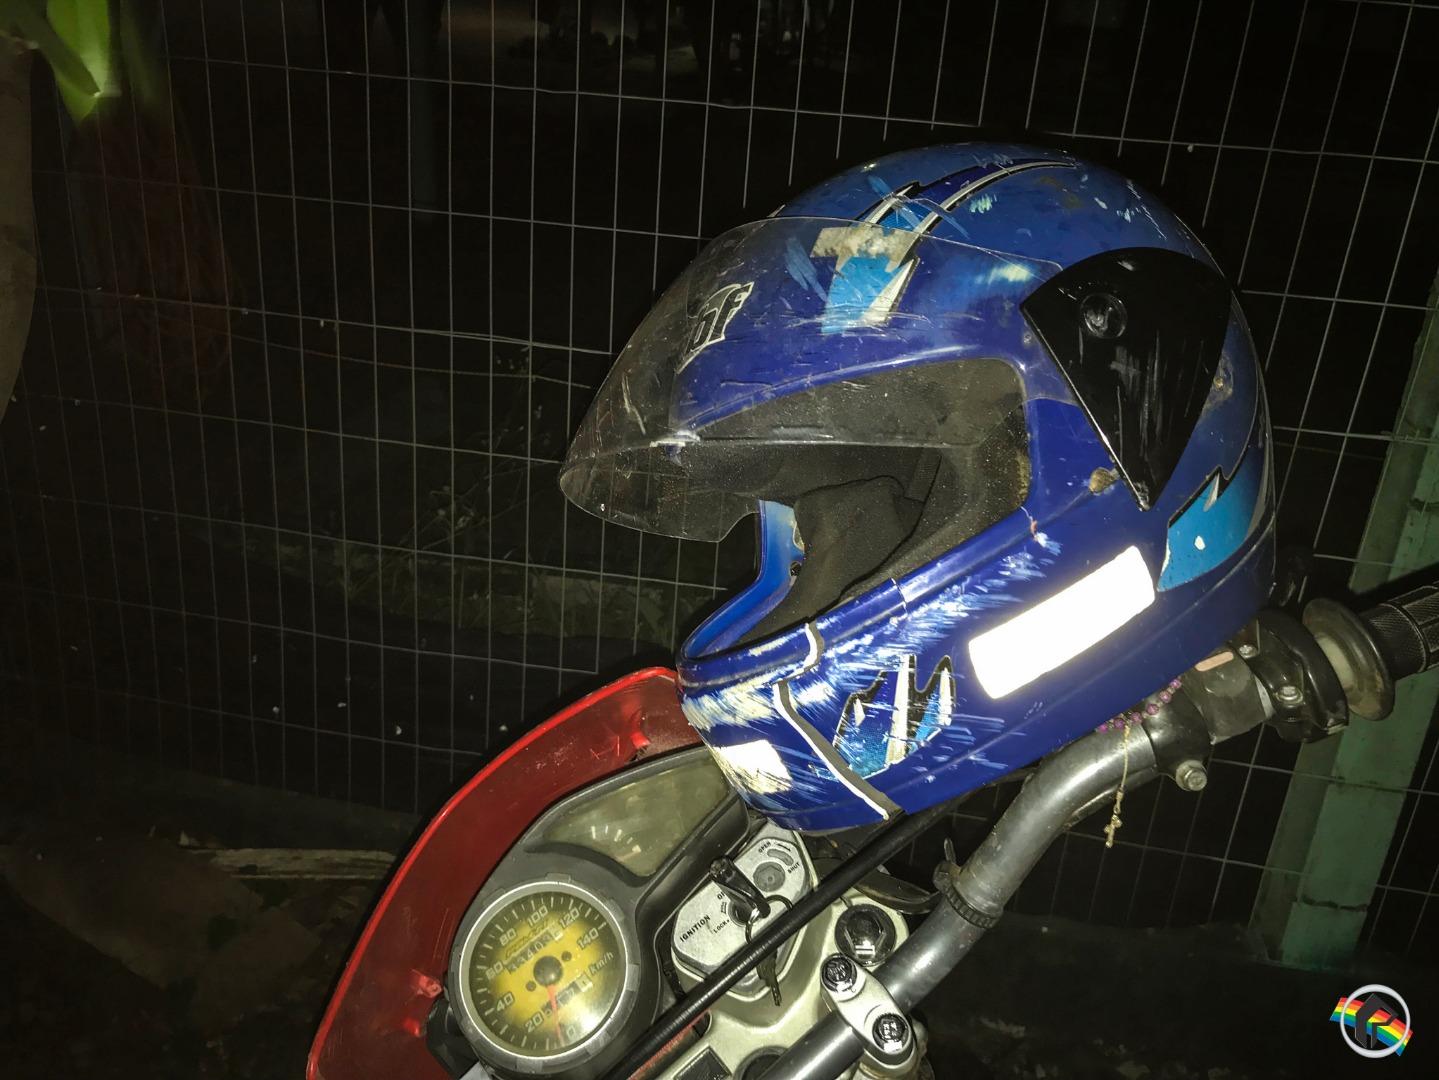 VÍDEO: Queda de moto deixa homem ferido na BR-163